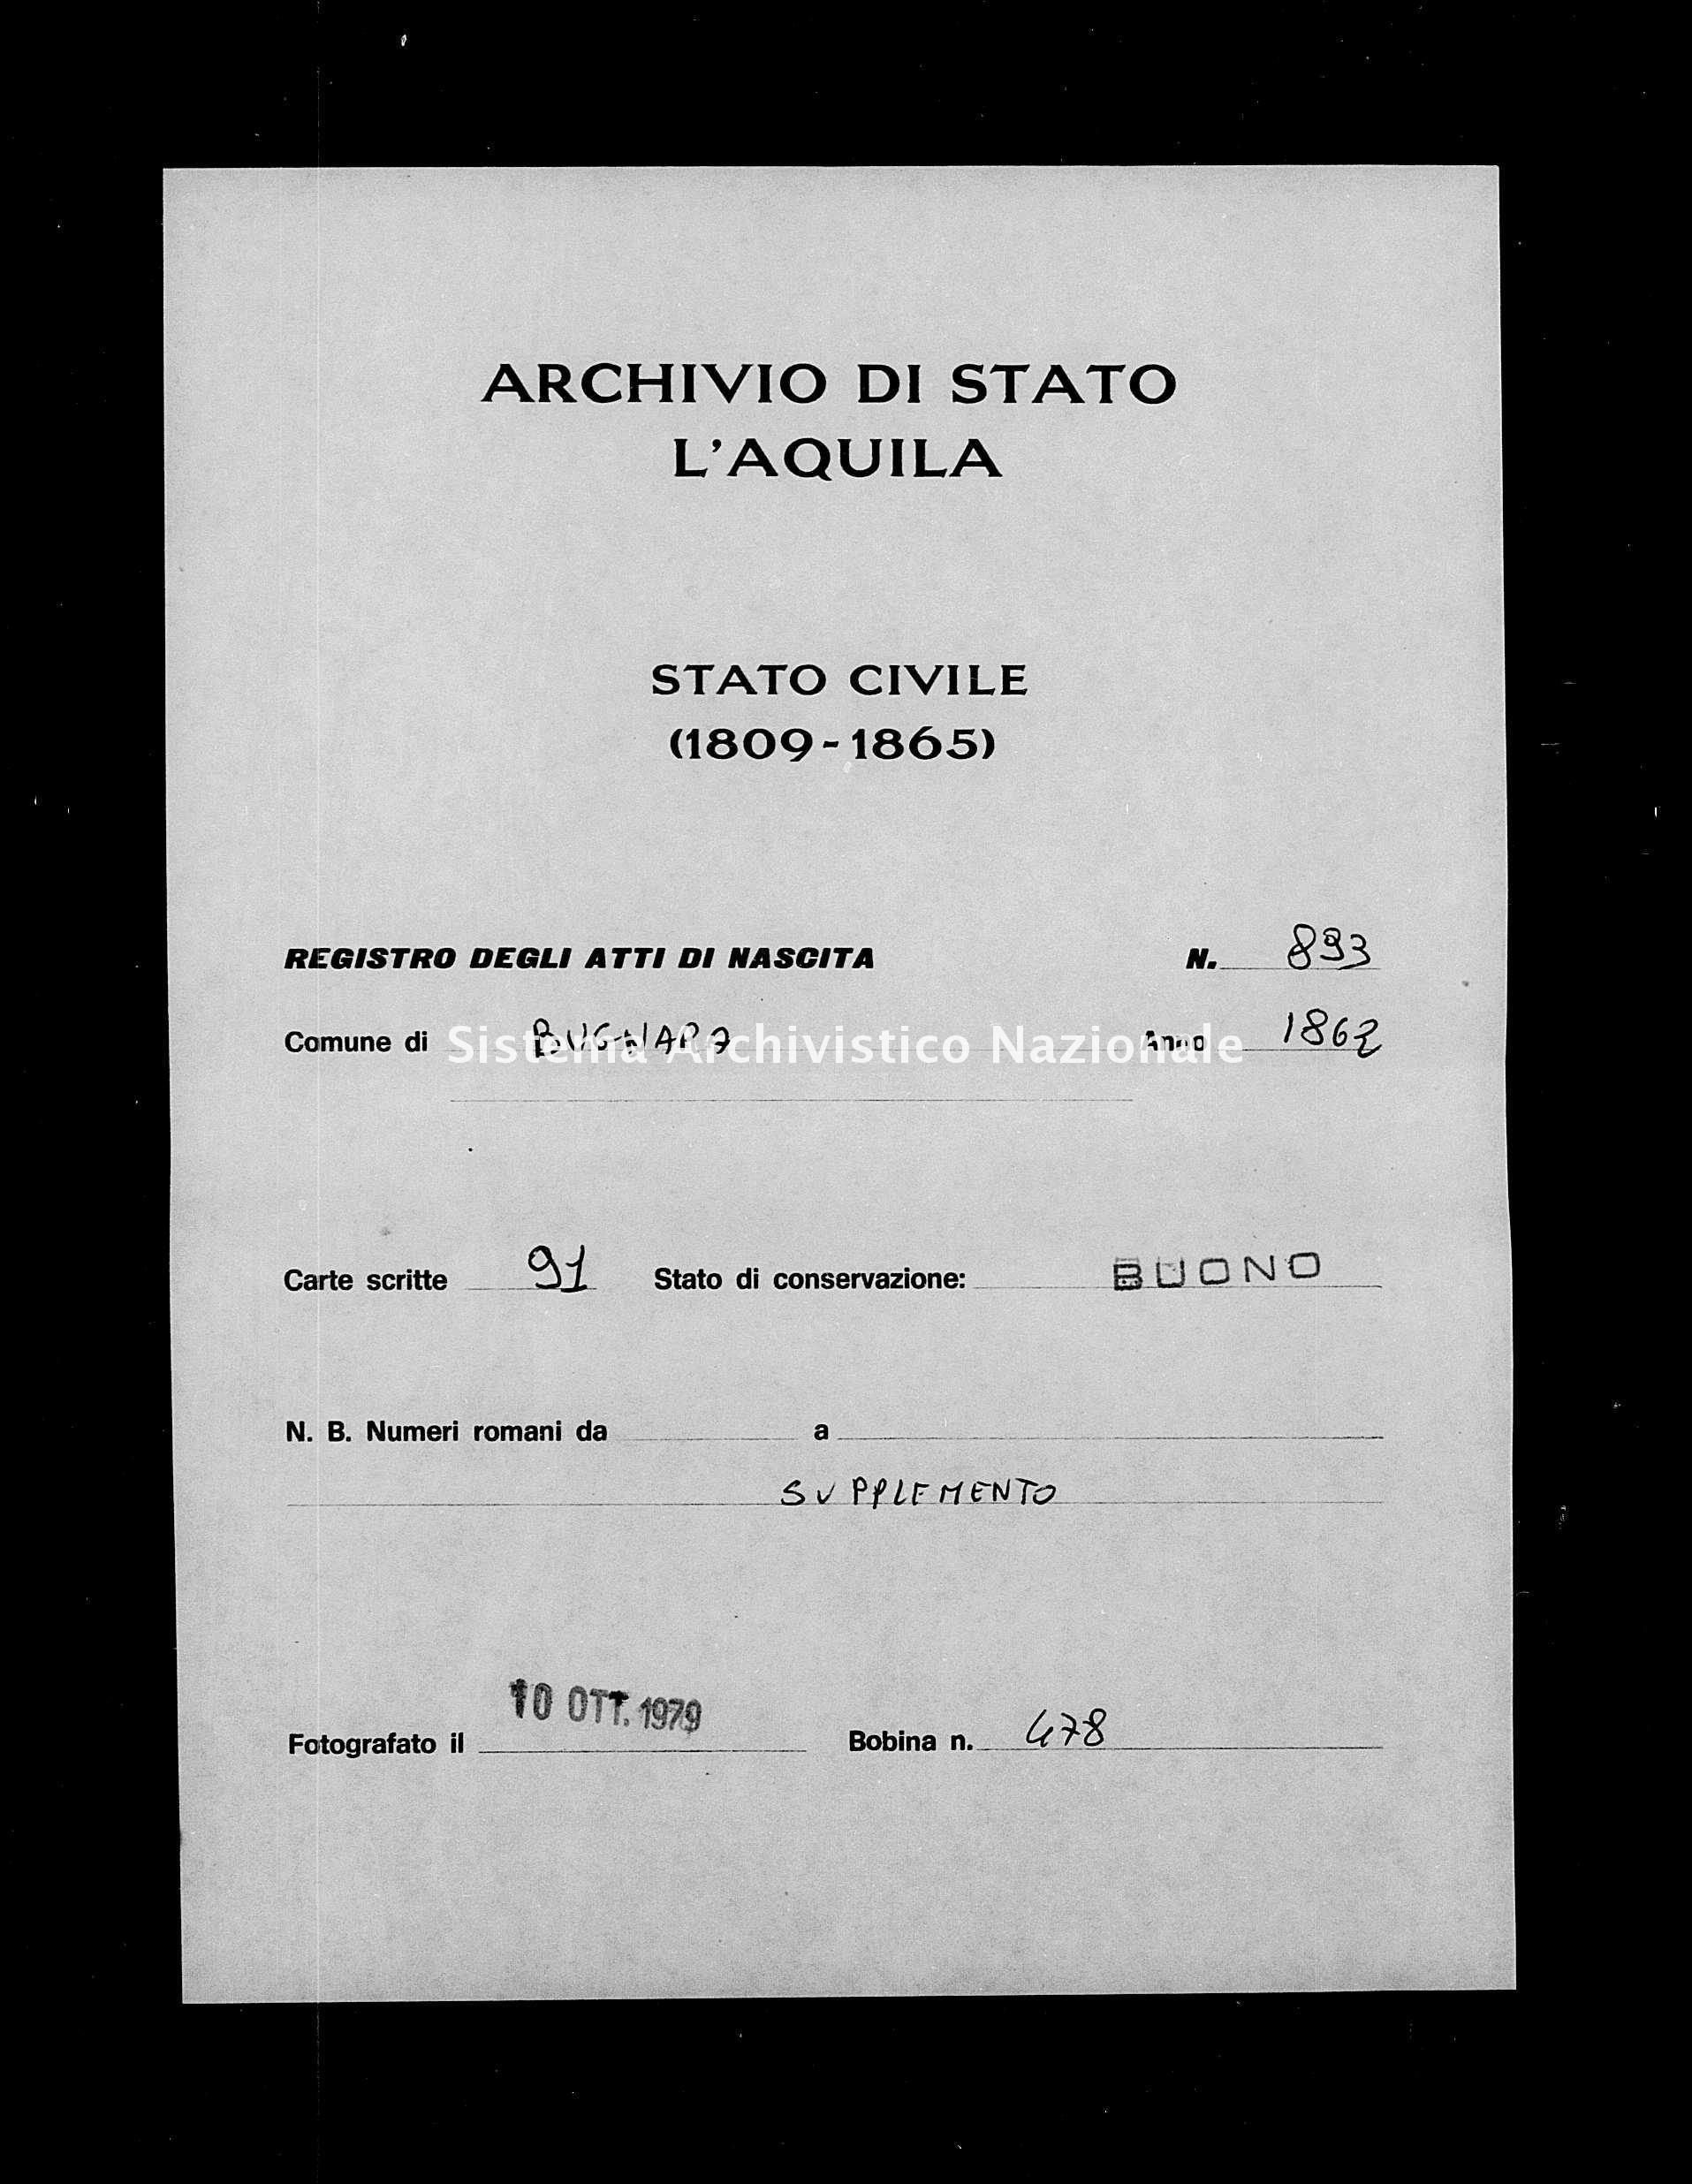 Archivio di stato di L'aquila - Stato civile italiano - Bugnara - Nati, battesimi - 1862 - 893 -